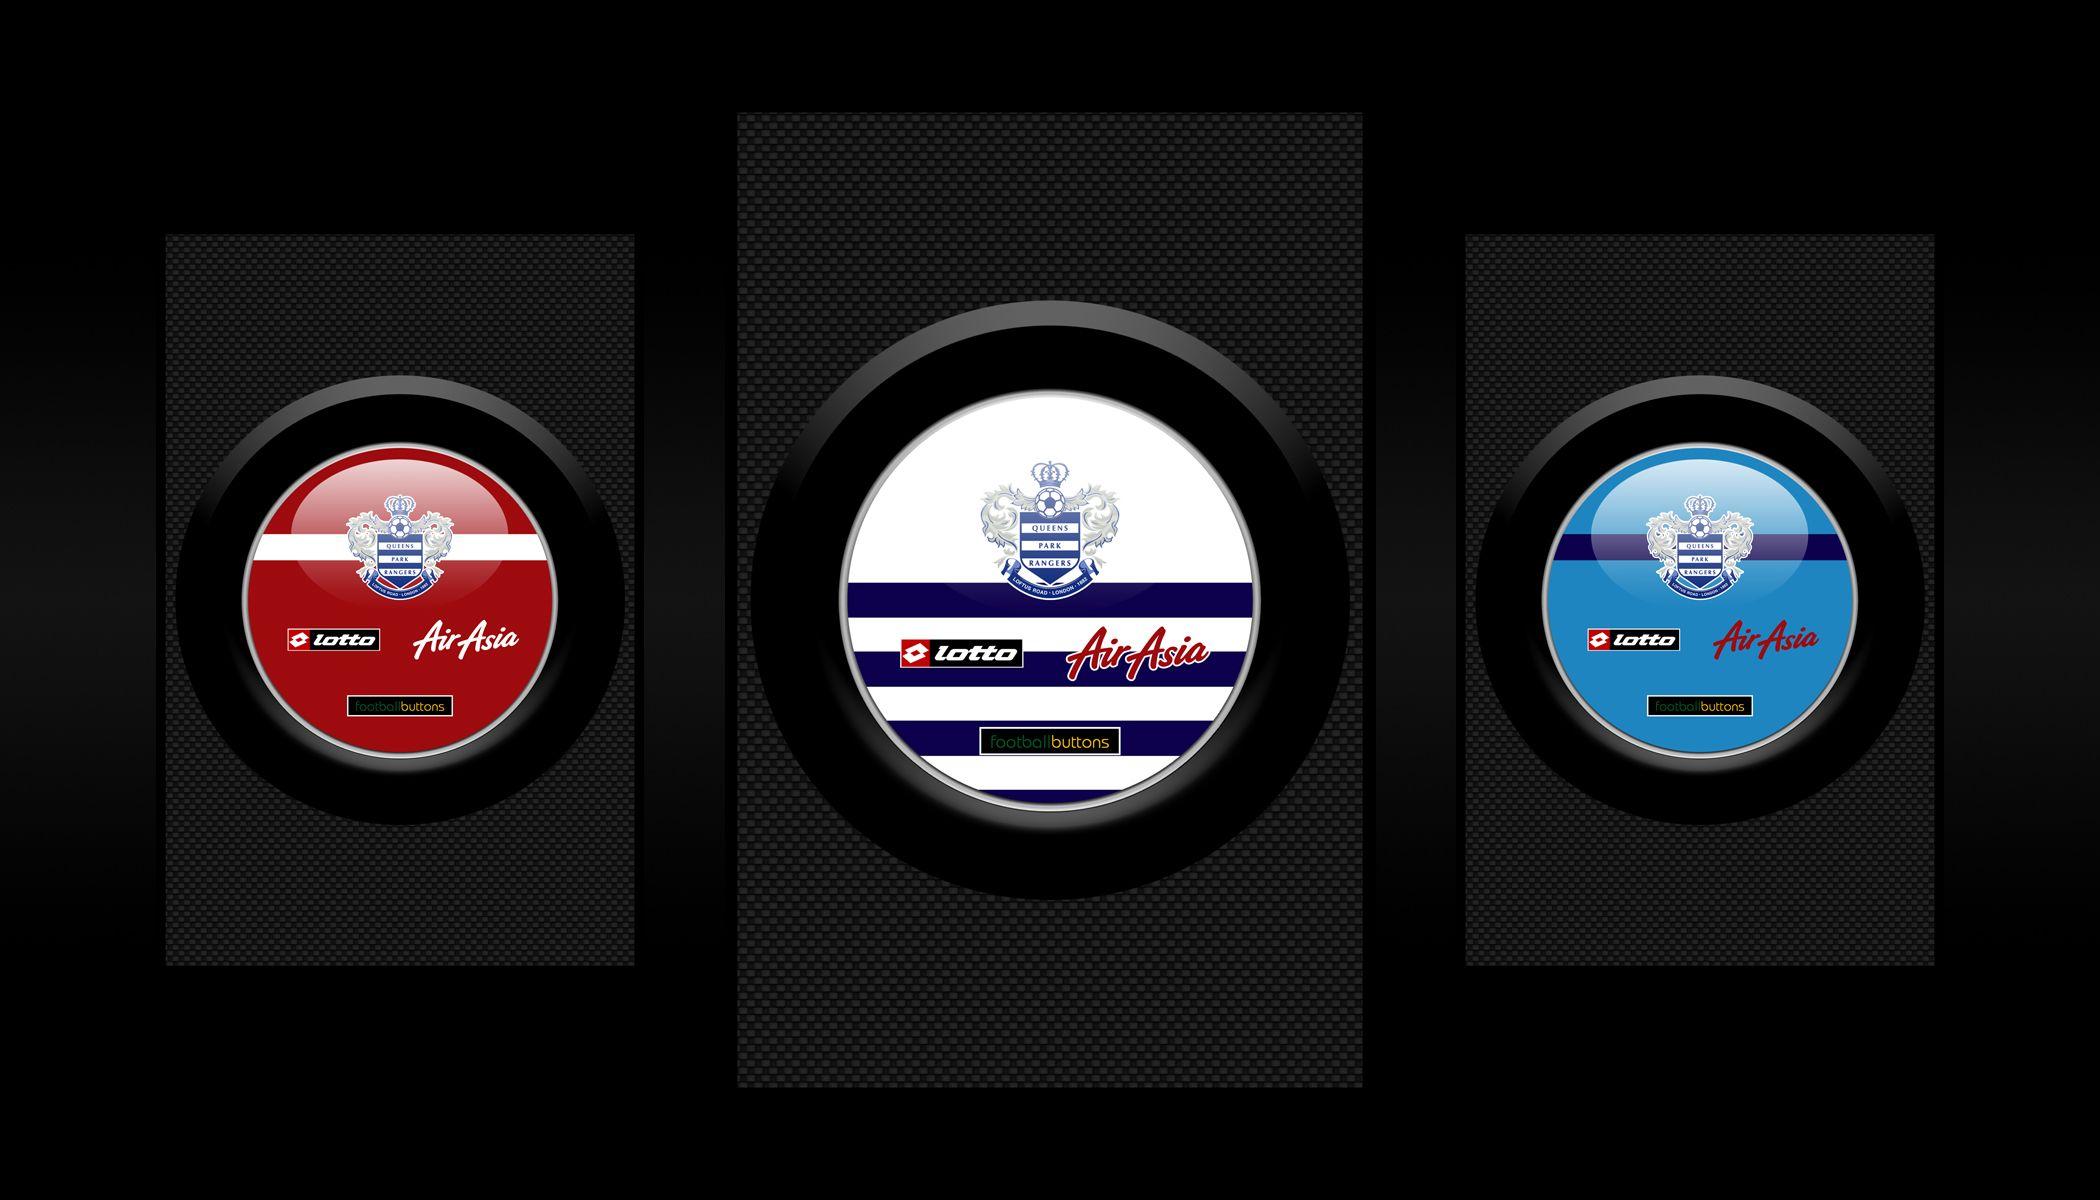 Queens Park Rangers FC - Wallpapers exclusivos e gratuitos para Smartphones e iPhone. Visite nosso Blog - http://football-buttons.blogspot.com